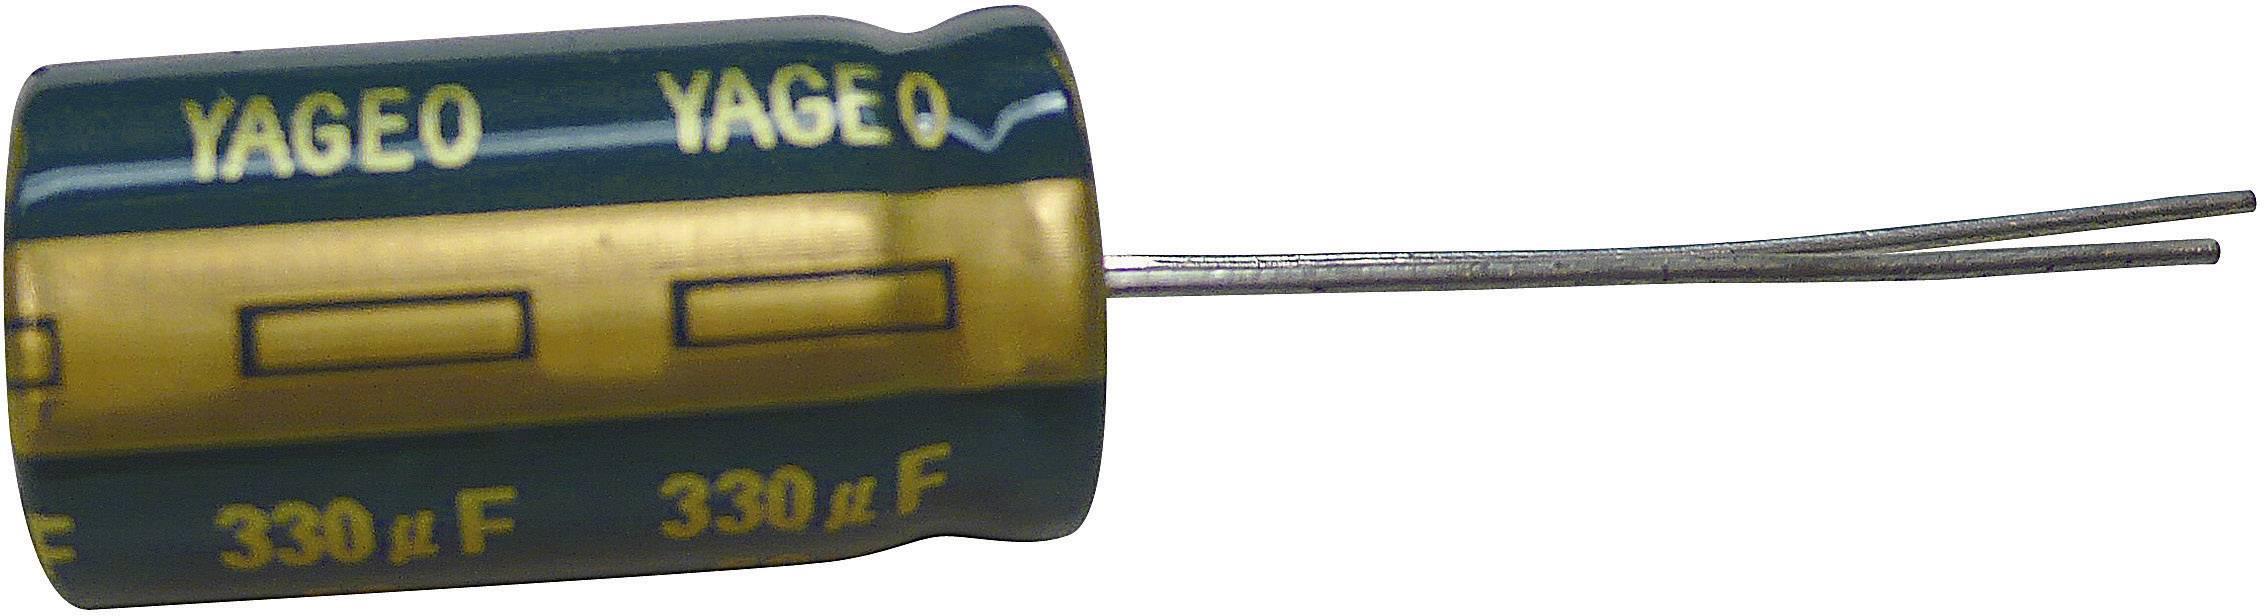 Kondenzátor elektrolytický Yageo SY006M6800B7F-1625, 6800 µF, 6,3 V, 20 %, 25 x 16 mm